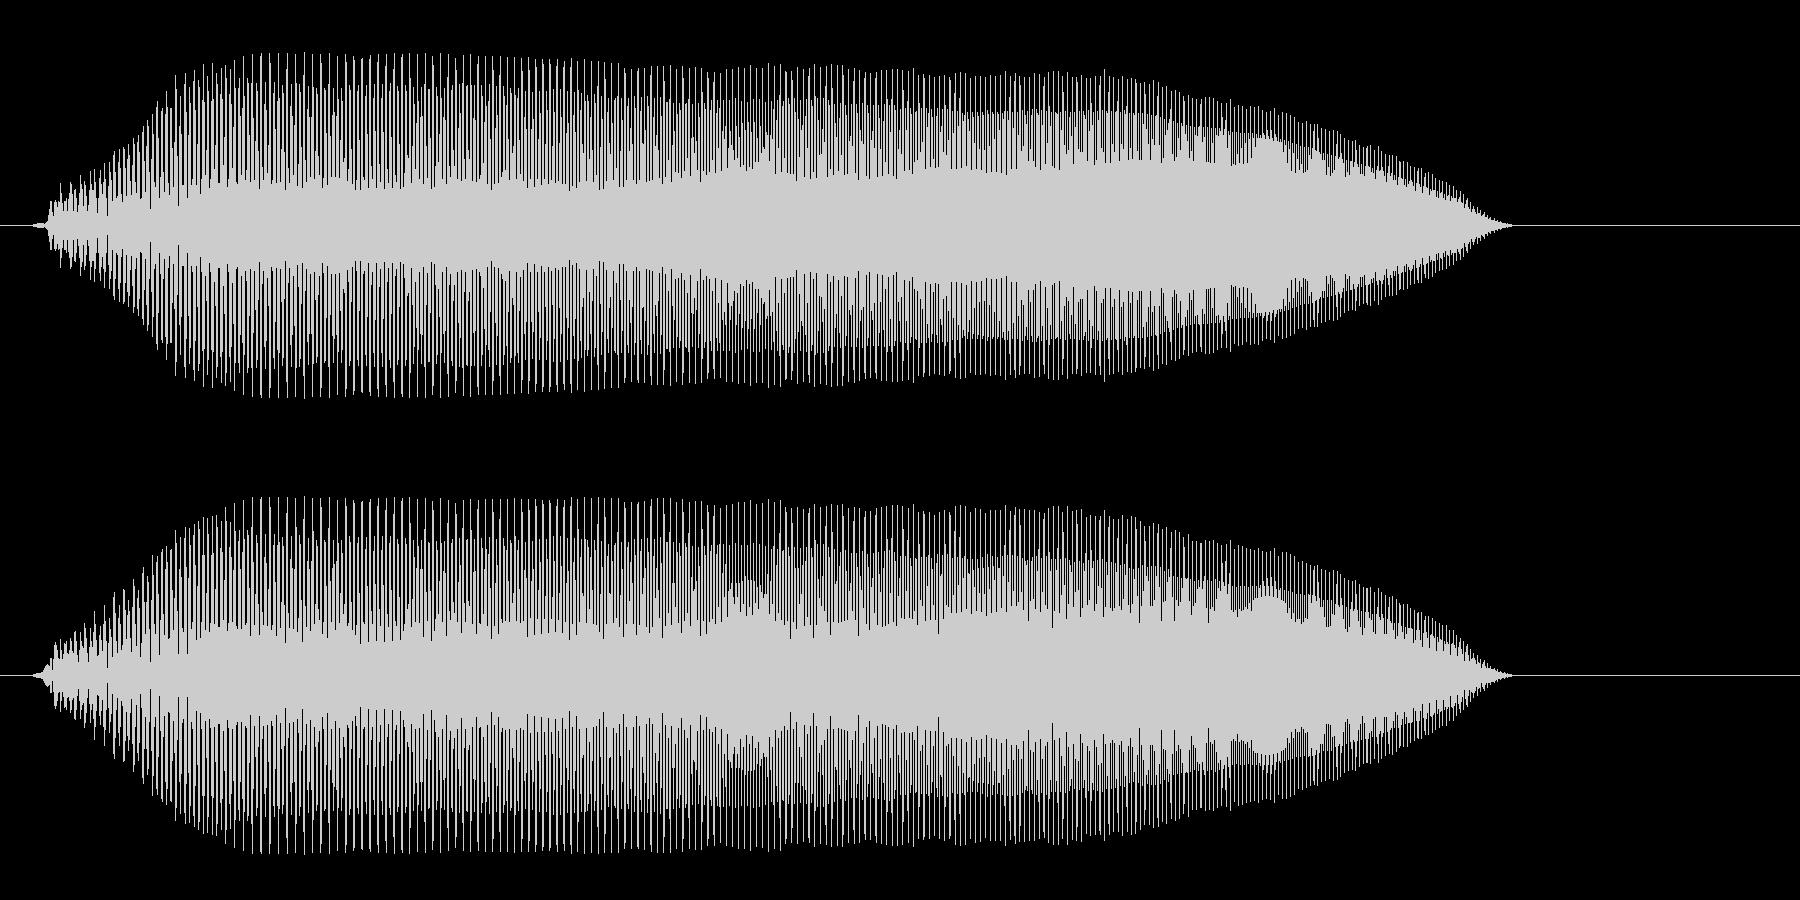 プゥゥ〜(注意喚起や緊張感を出す決定音)の未再生の波形